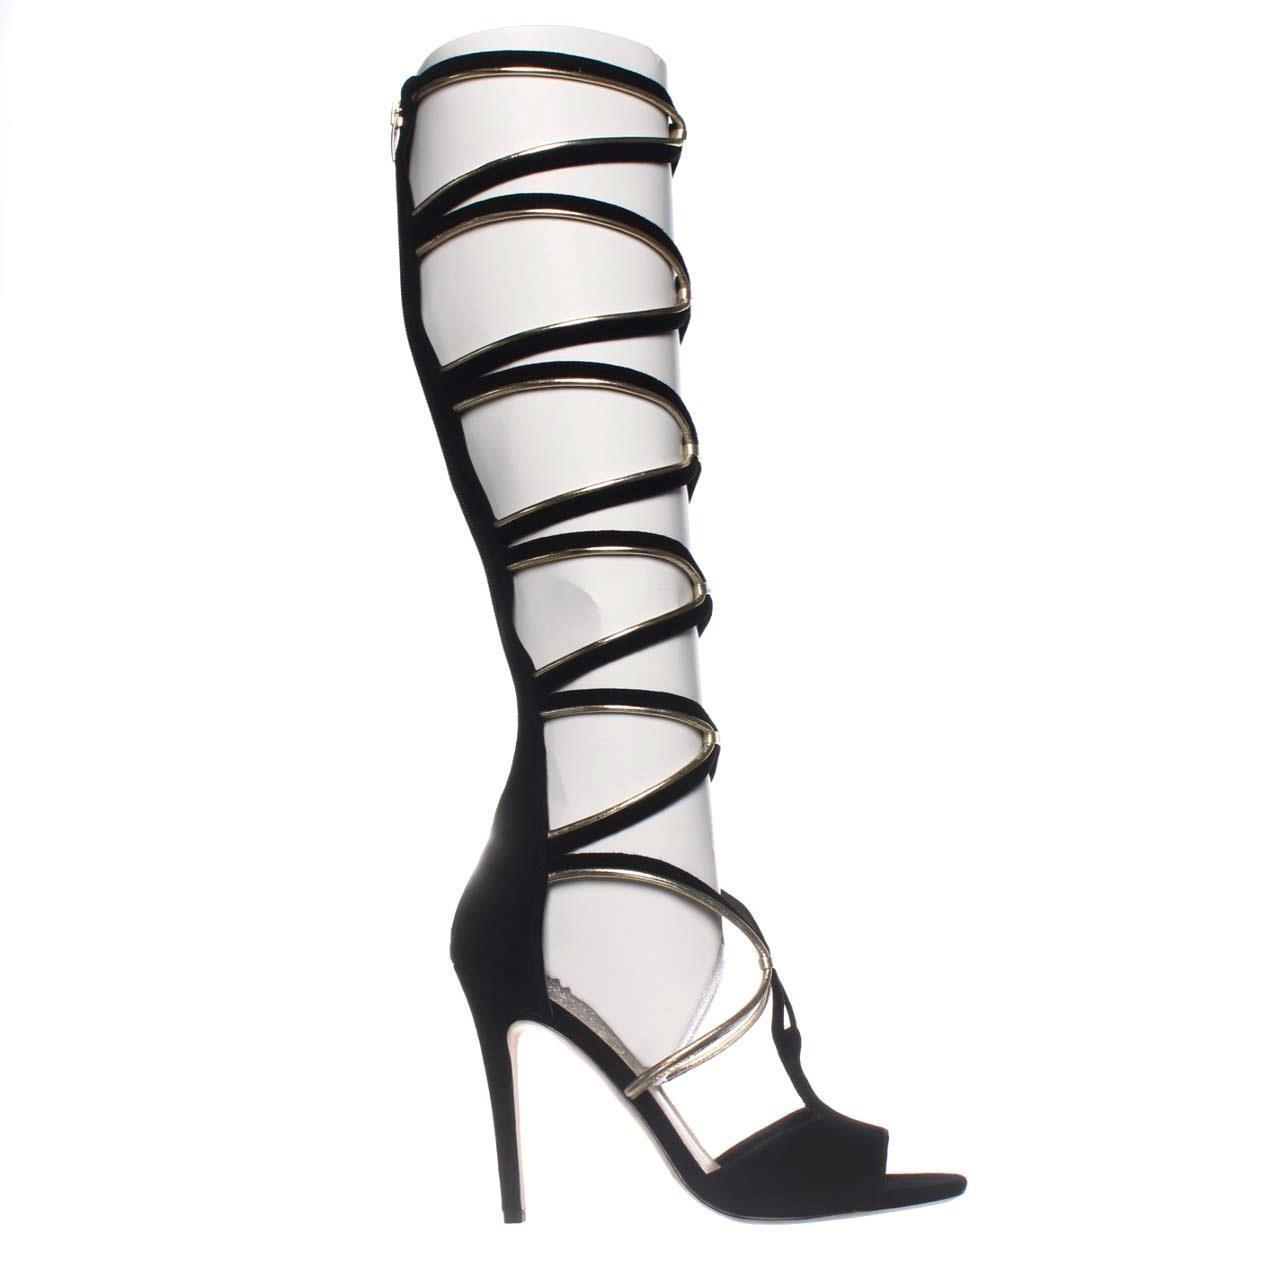 9e075a4ef16f Lyst - Via Spiga Tammarynn Knee-high Gladiator Sandals in Black